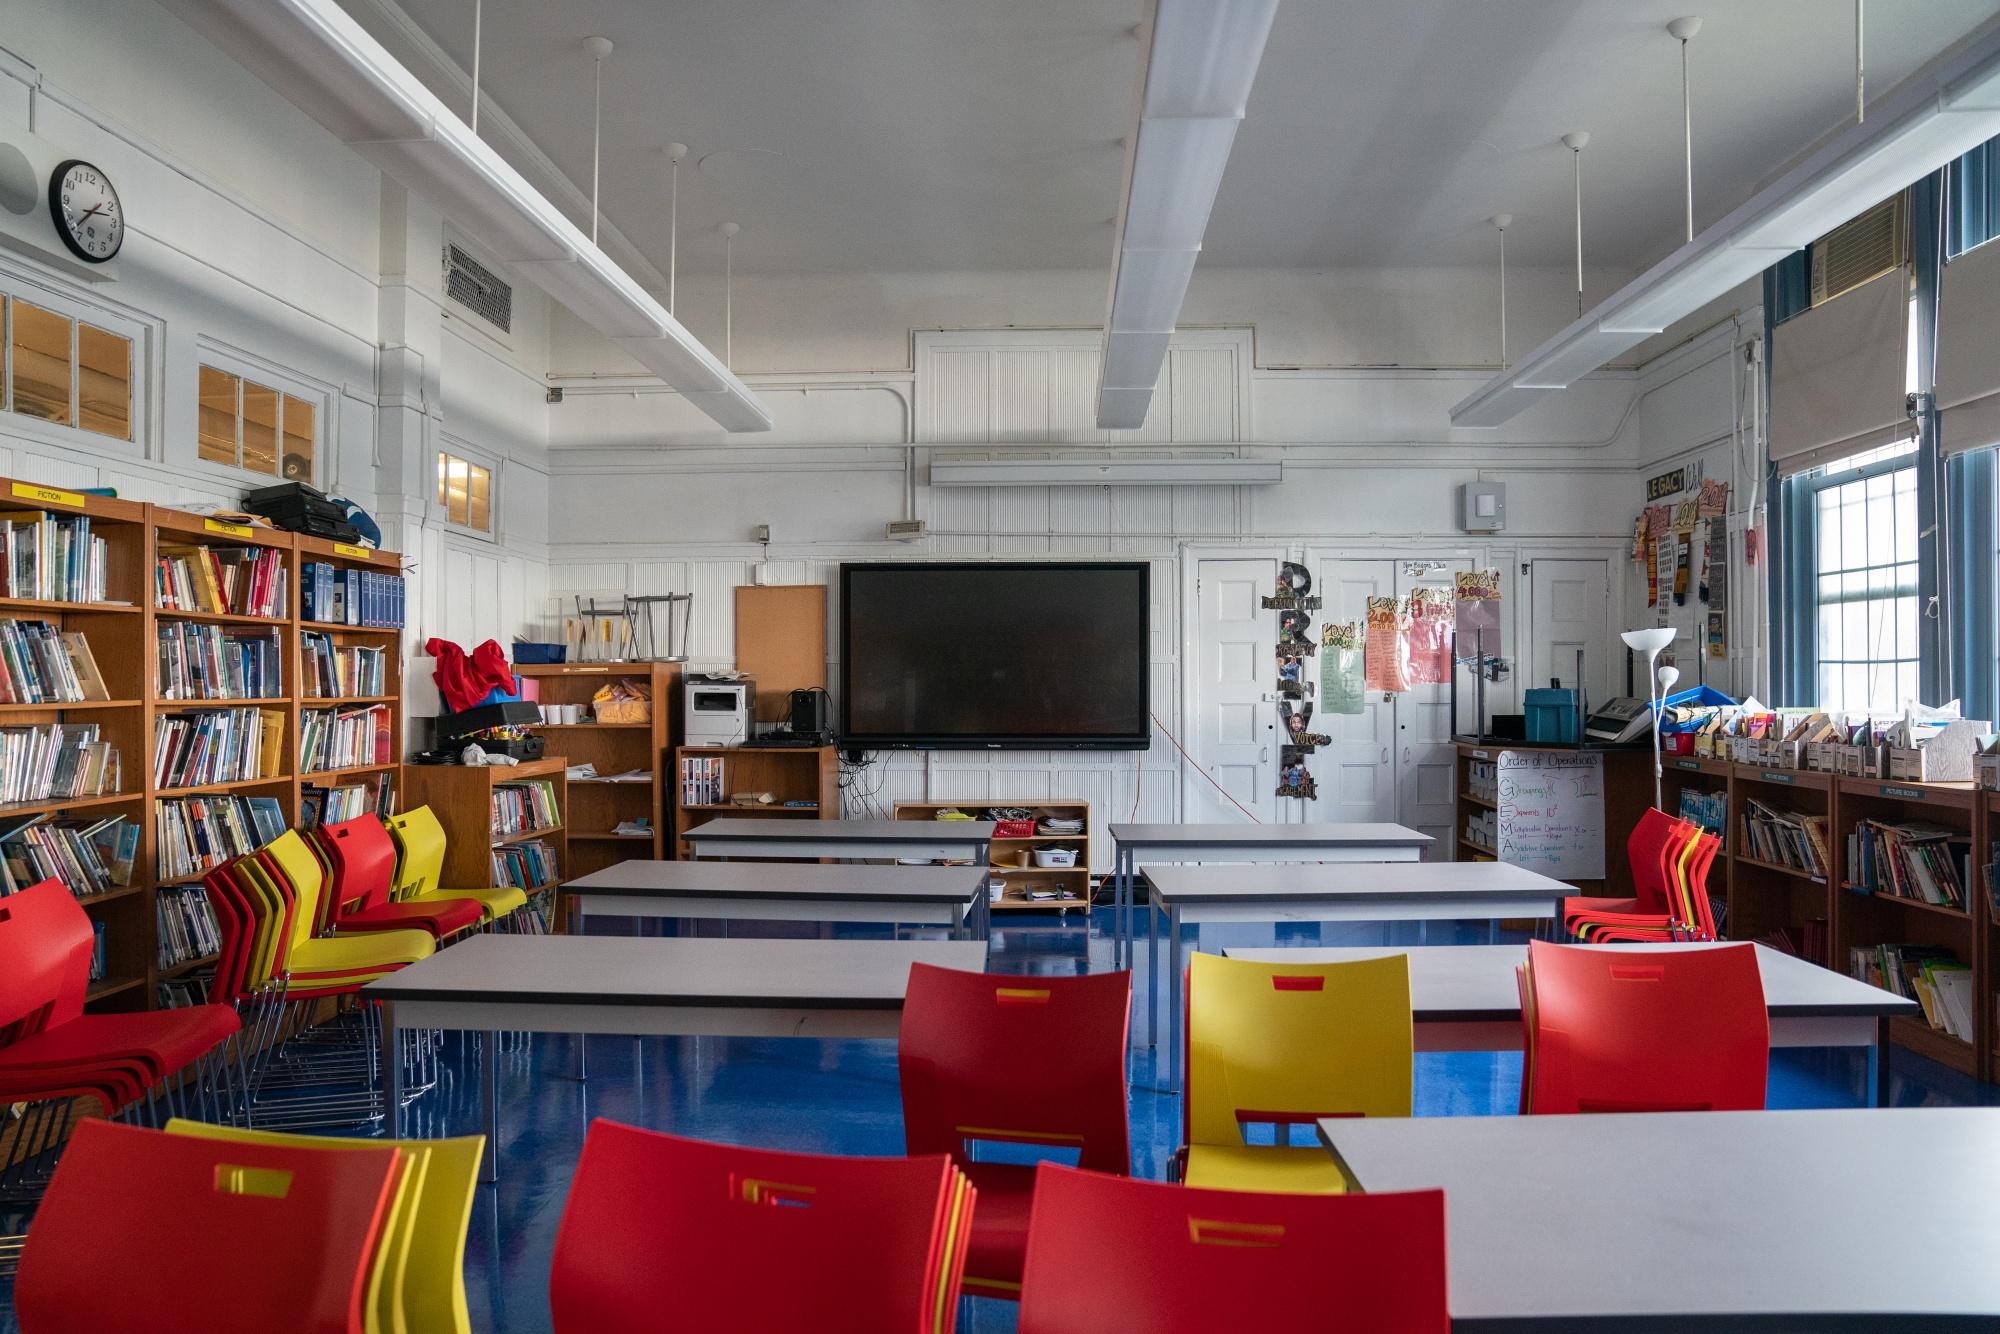 NYC Public School Dapat Mengadakan Kelas Tatap Muka, Menentang Tren